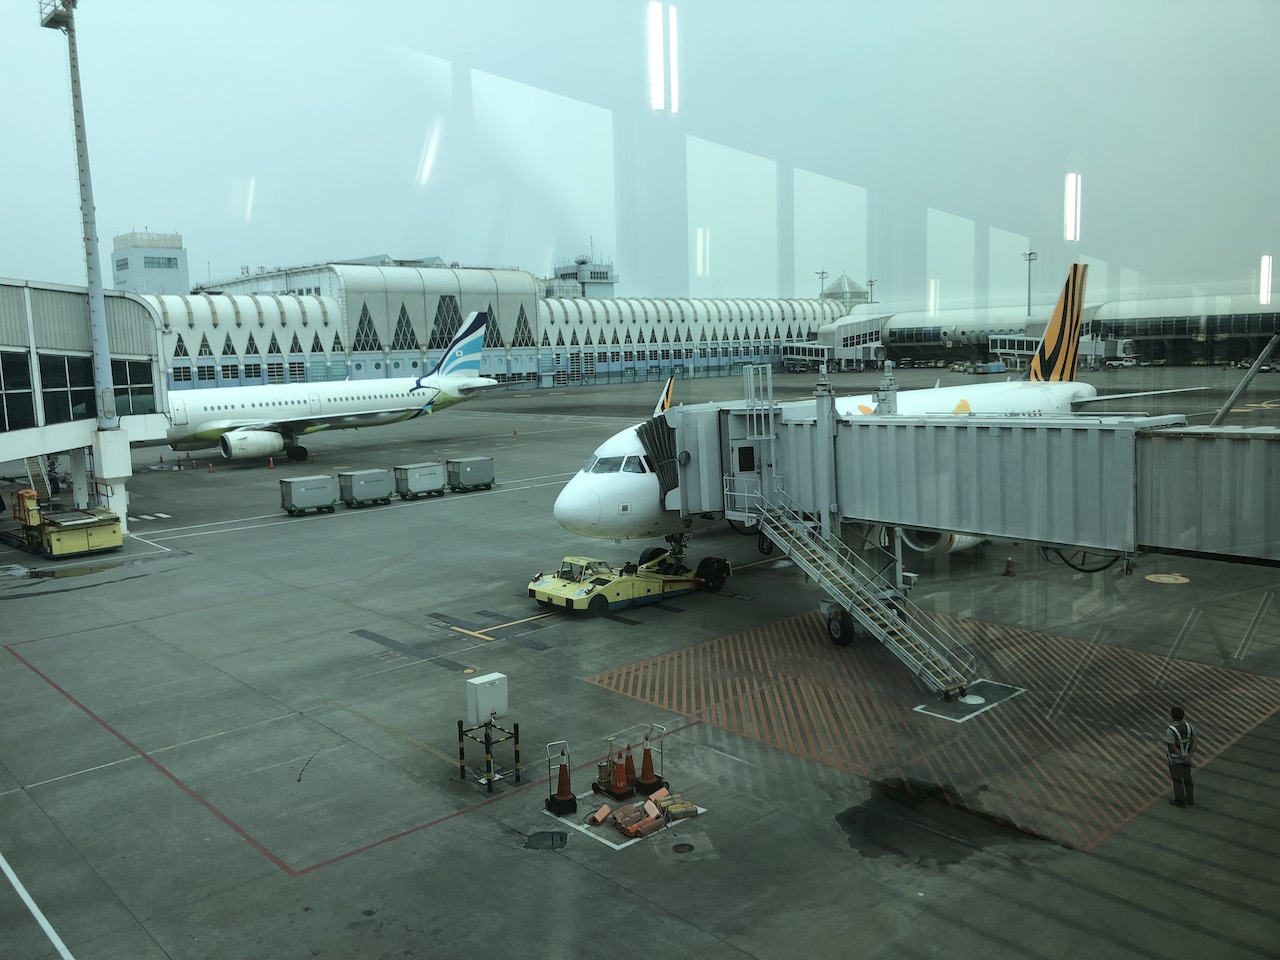 Takao kokusai airport